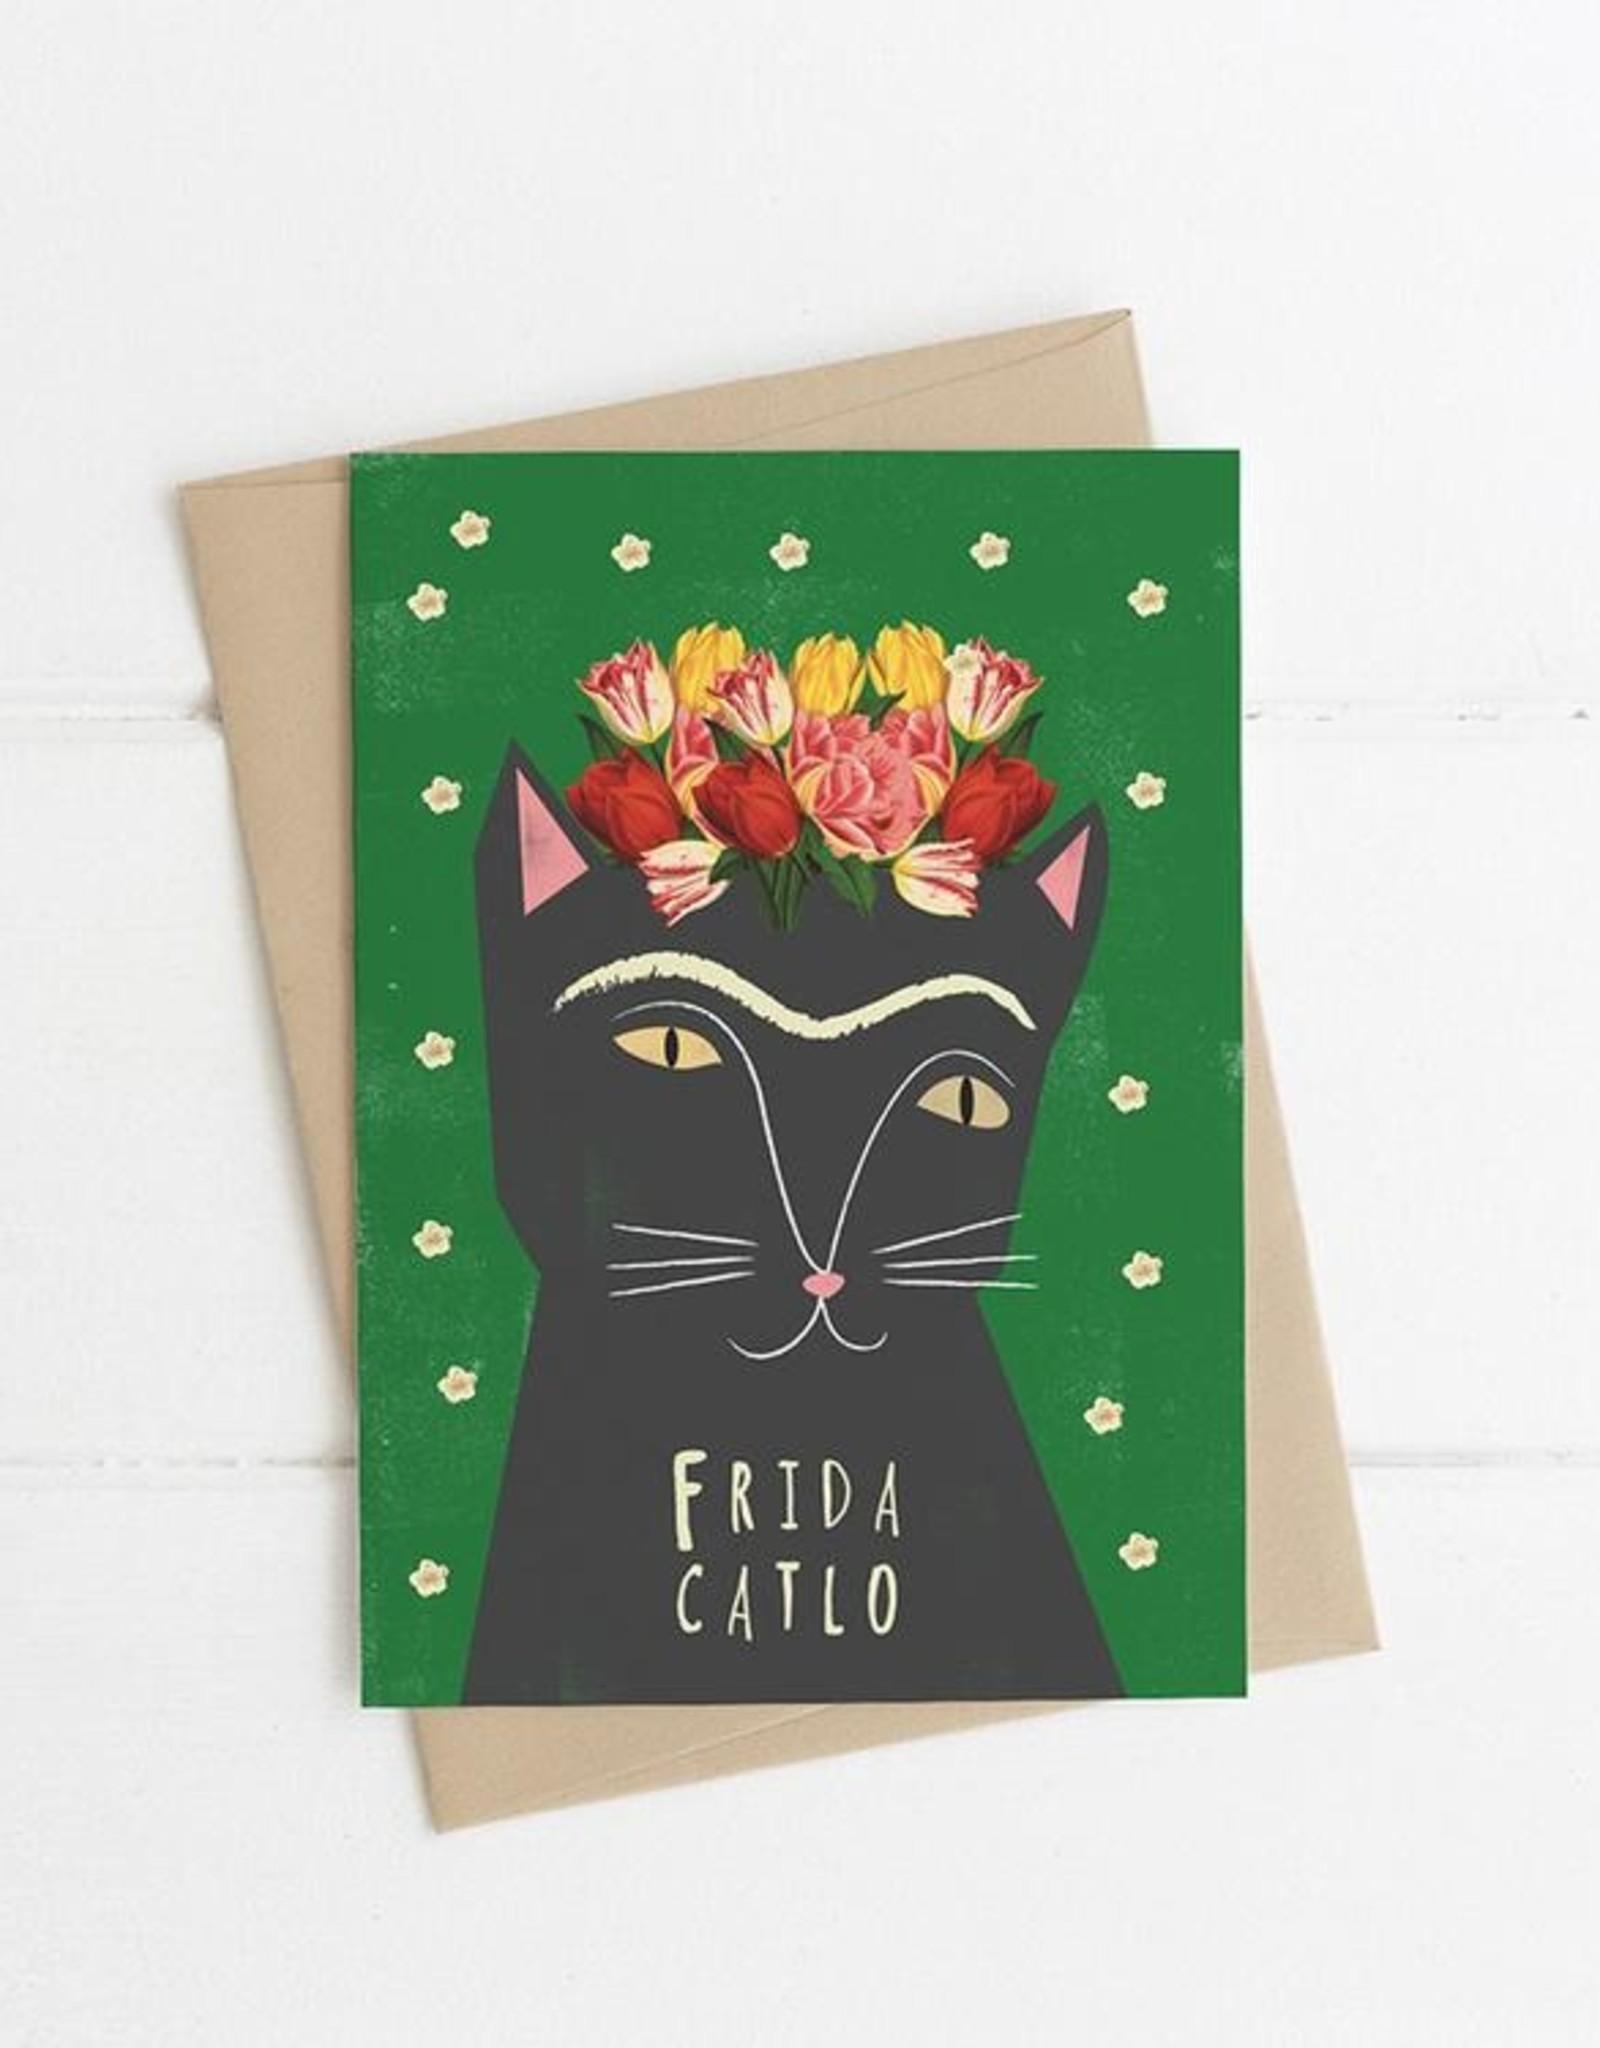 Niaski Niaski - Frida Catlo kaart